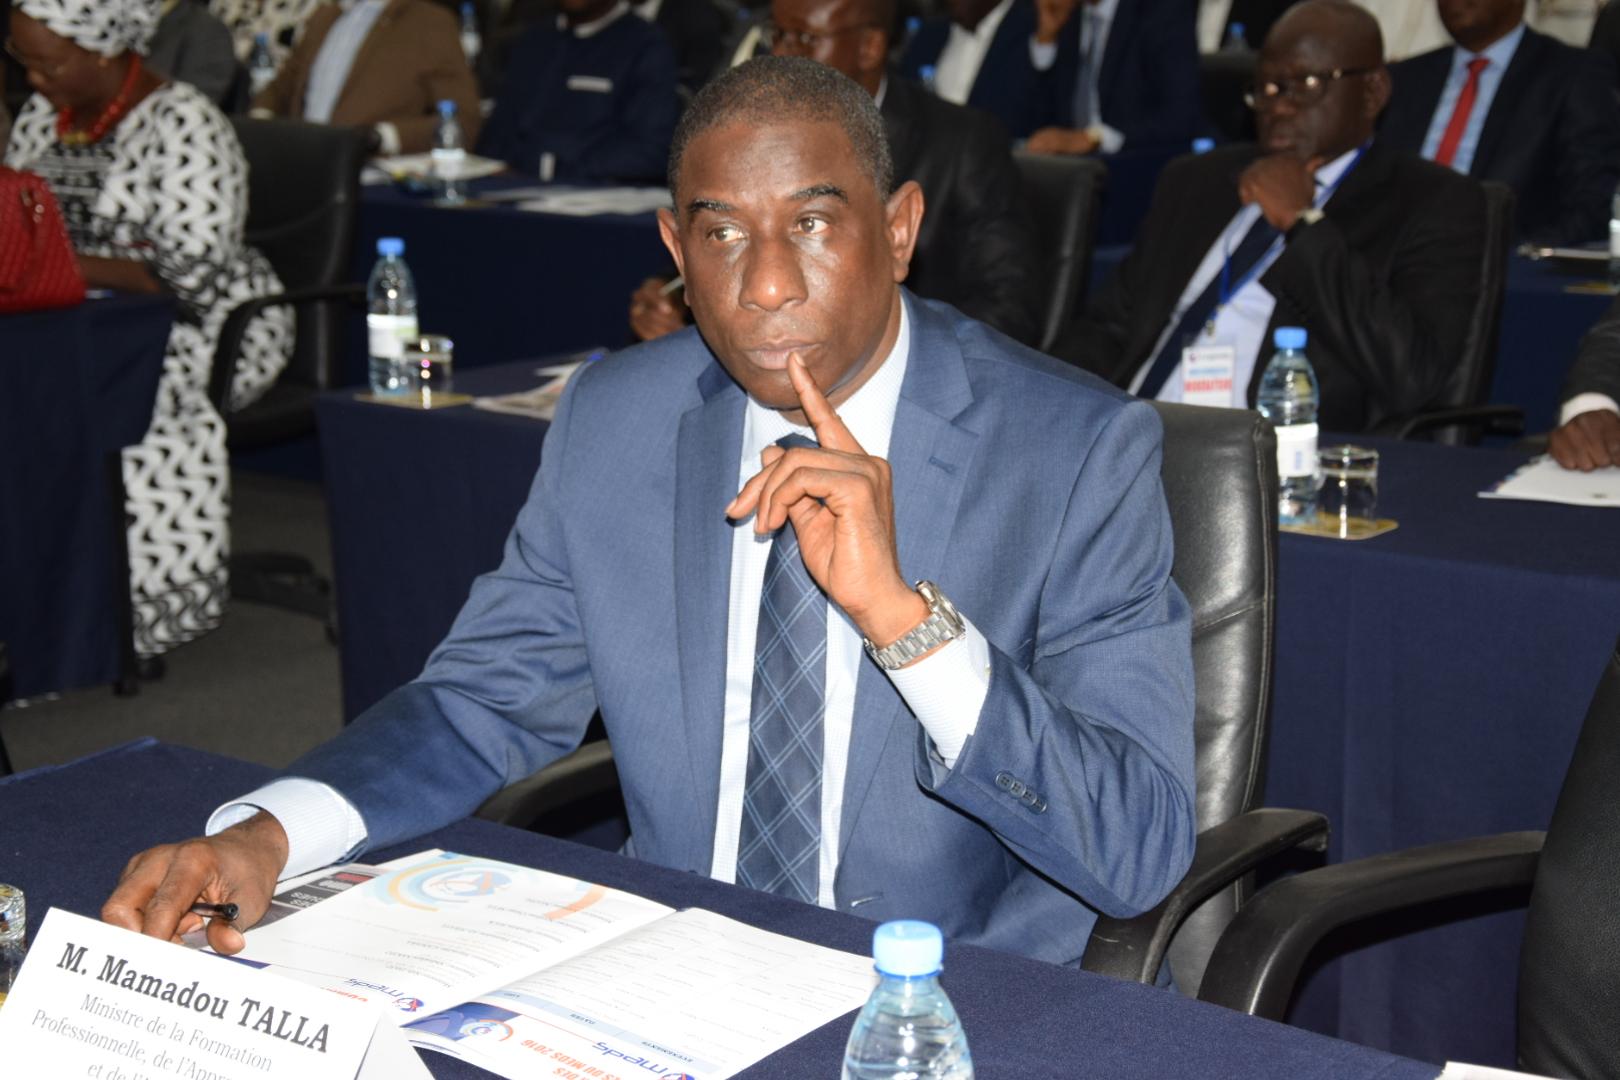 Lancement du Programme de formation aux métiers portuaires : Le ministre Mamadou Talla exhorte les entreprises à favoriser le recrutement des jeunes